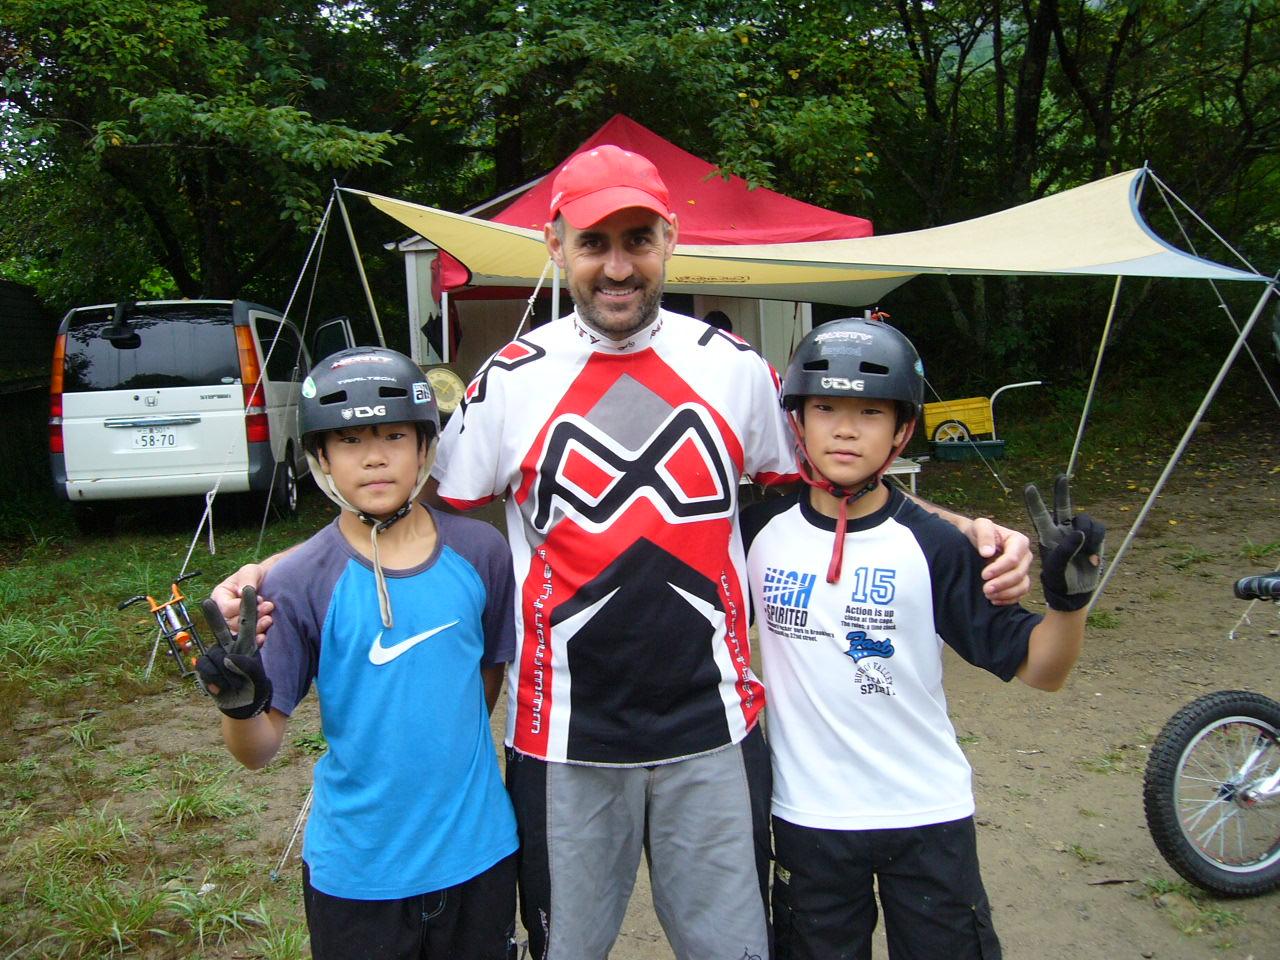 バイクトライアル 亀岡カップ rd15 参戦レポ_b0133403_0125054.jpg